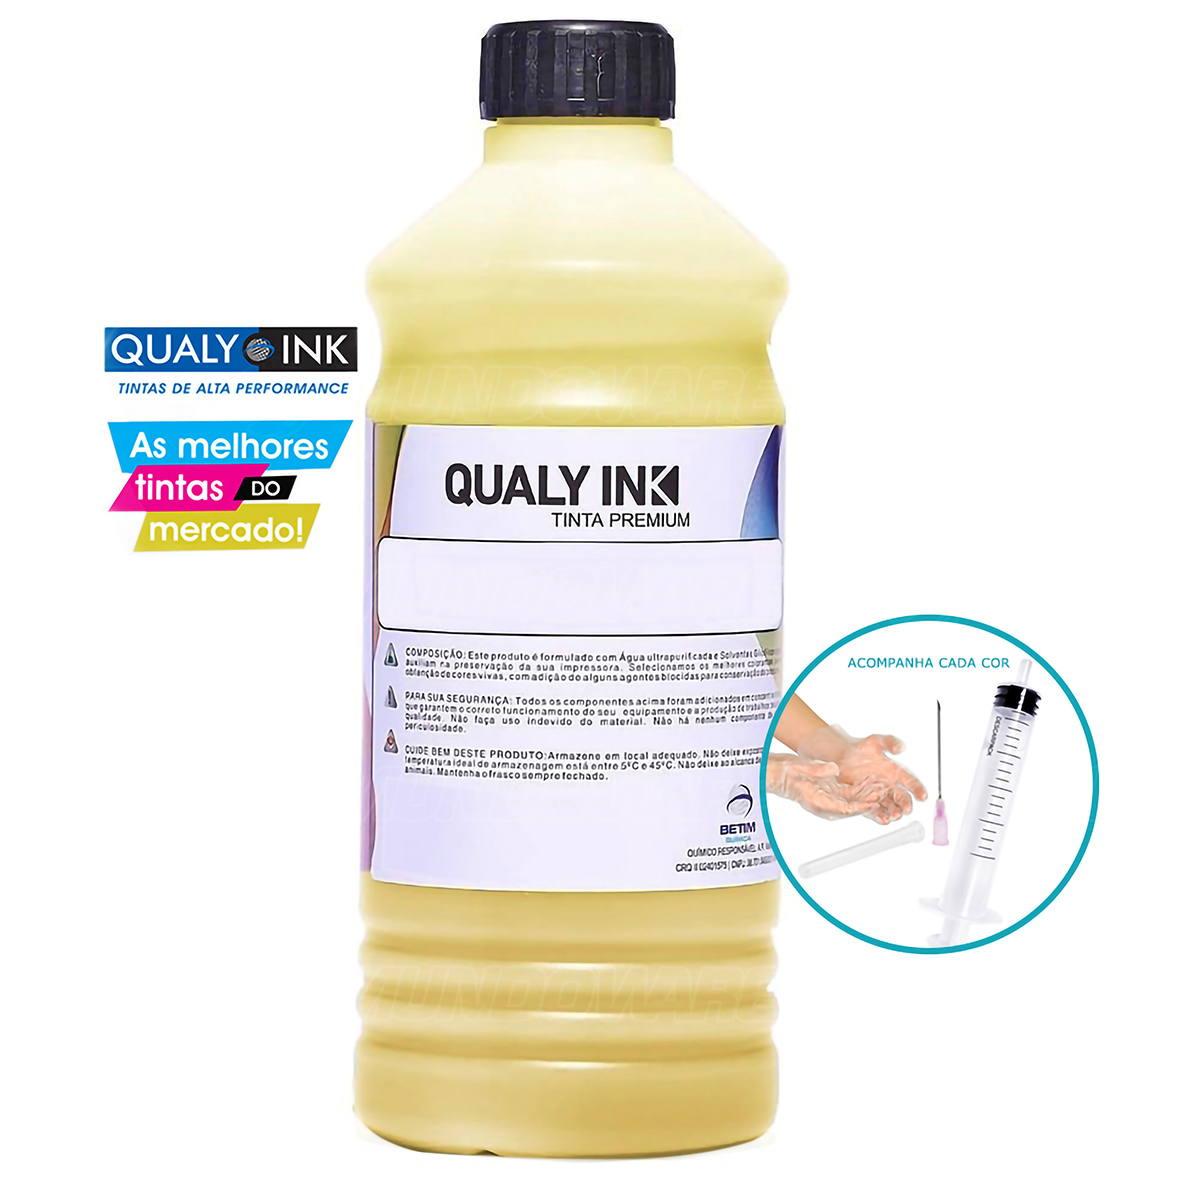 Compatível: Tinta Corante Qualy-Ink YC3H-1181 para HP GT-5822 GT-5820 GT-5810 InkTank 410 415 416 Amarelo Refil 1L